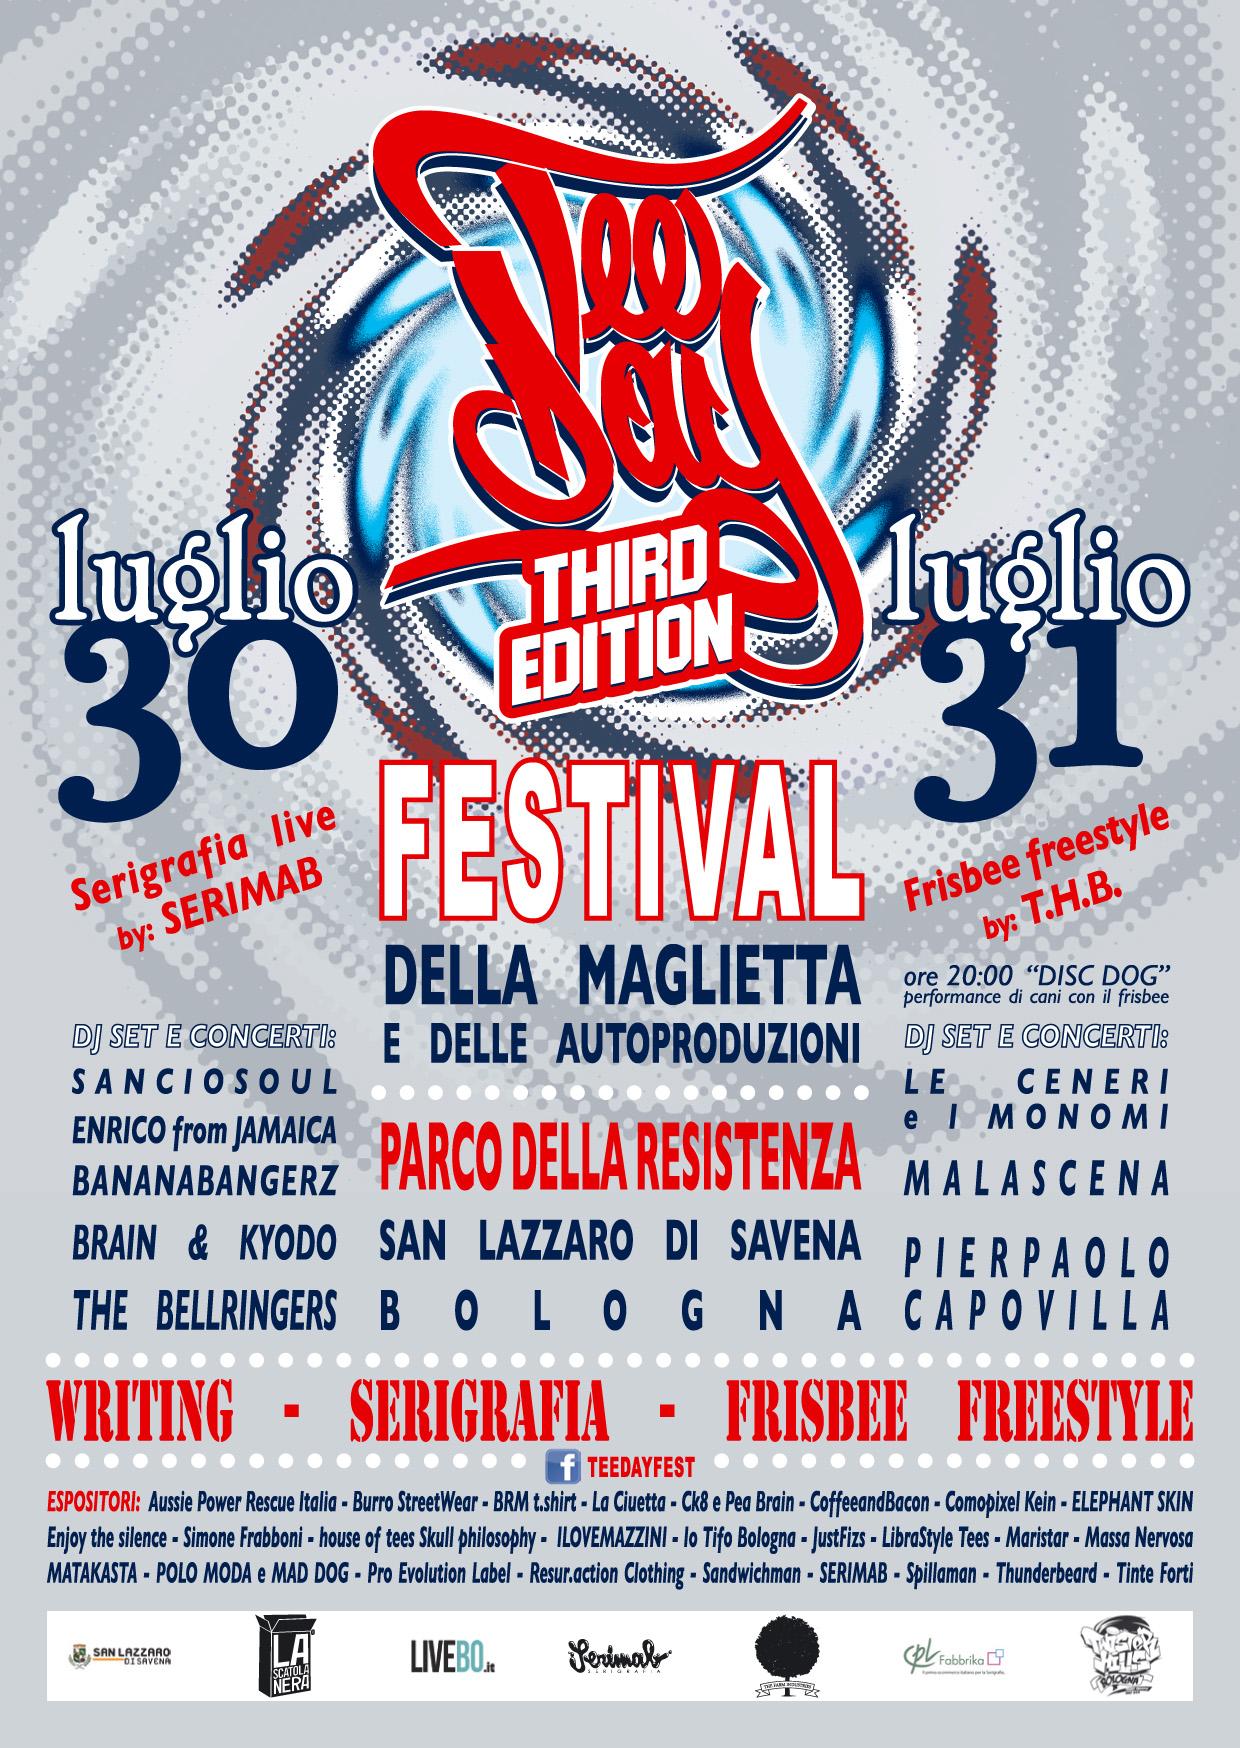 tee day festival della maglietta a bologna